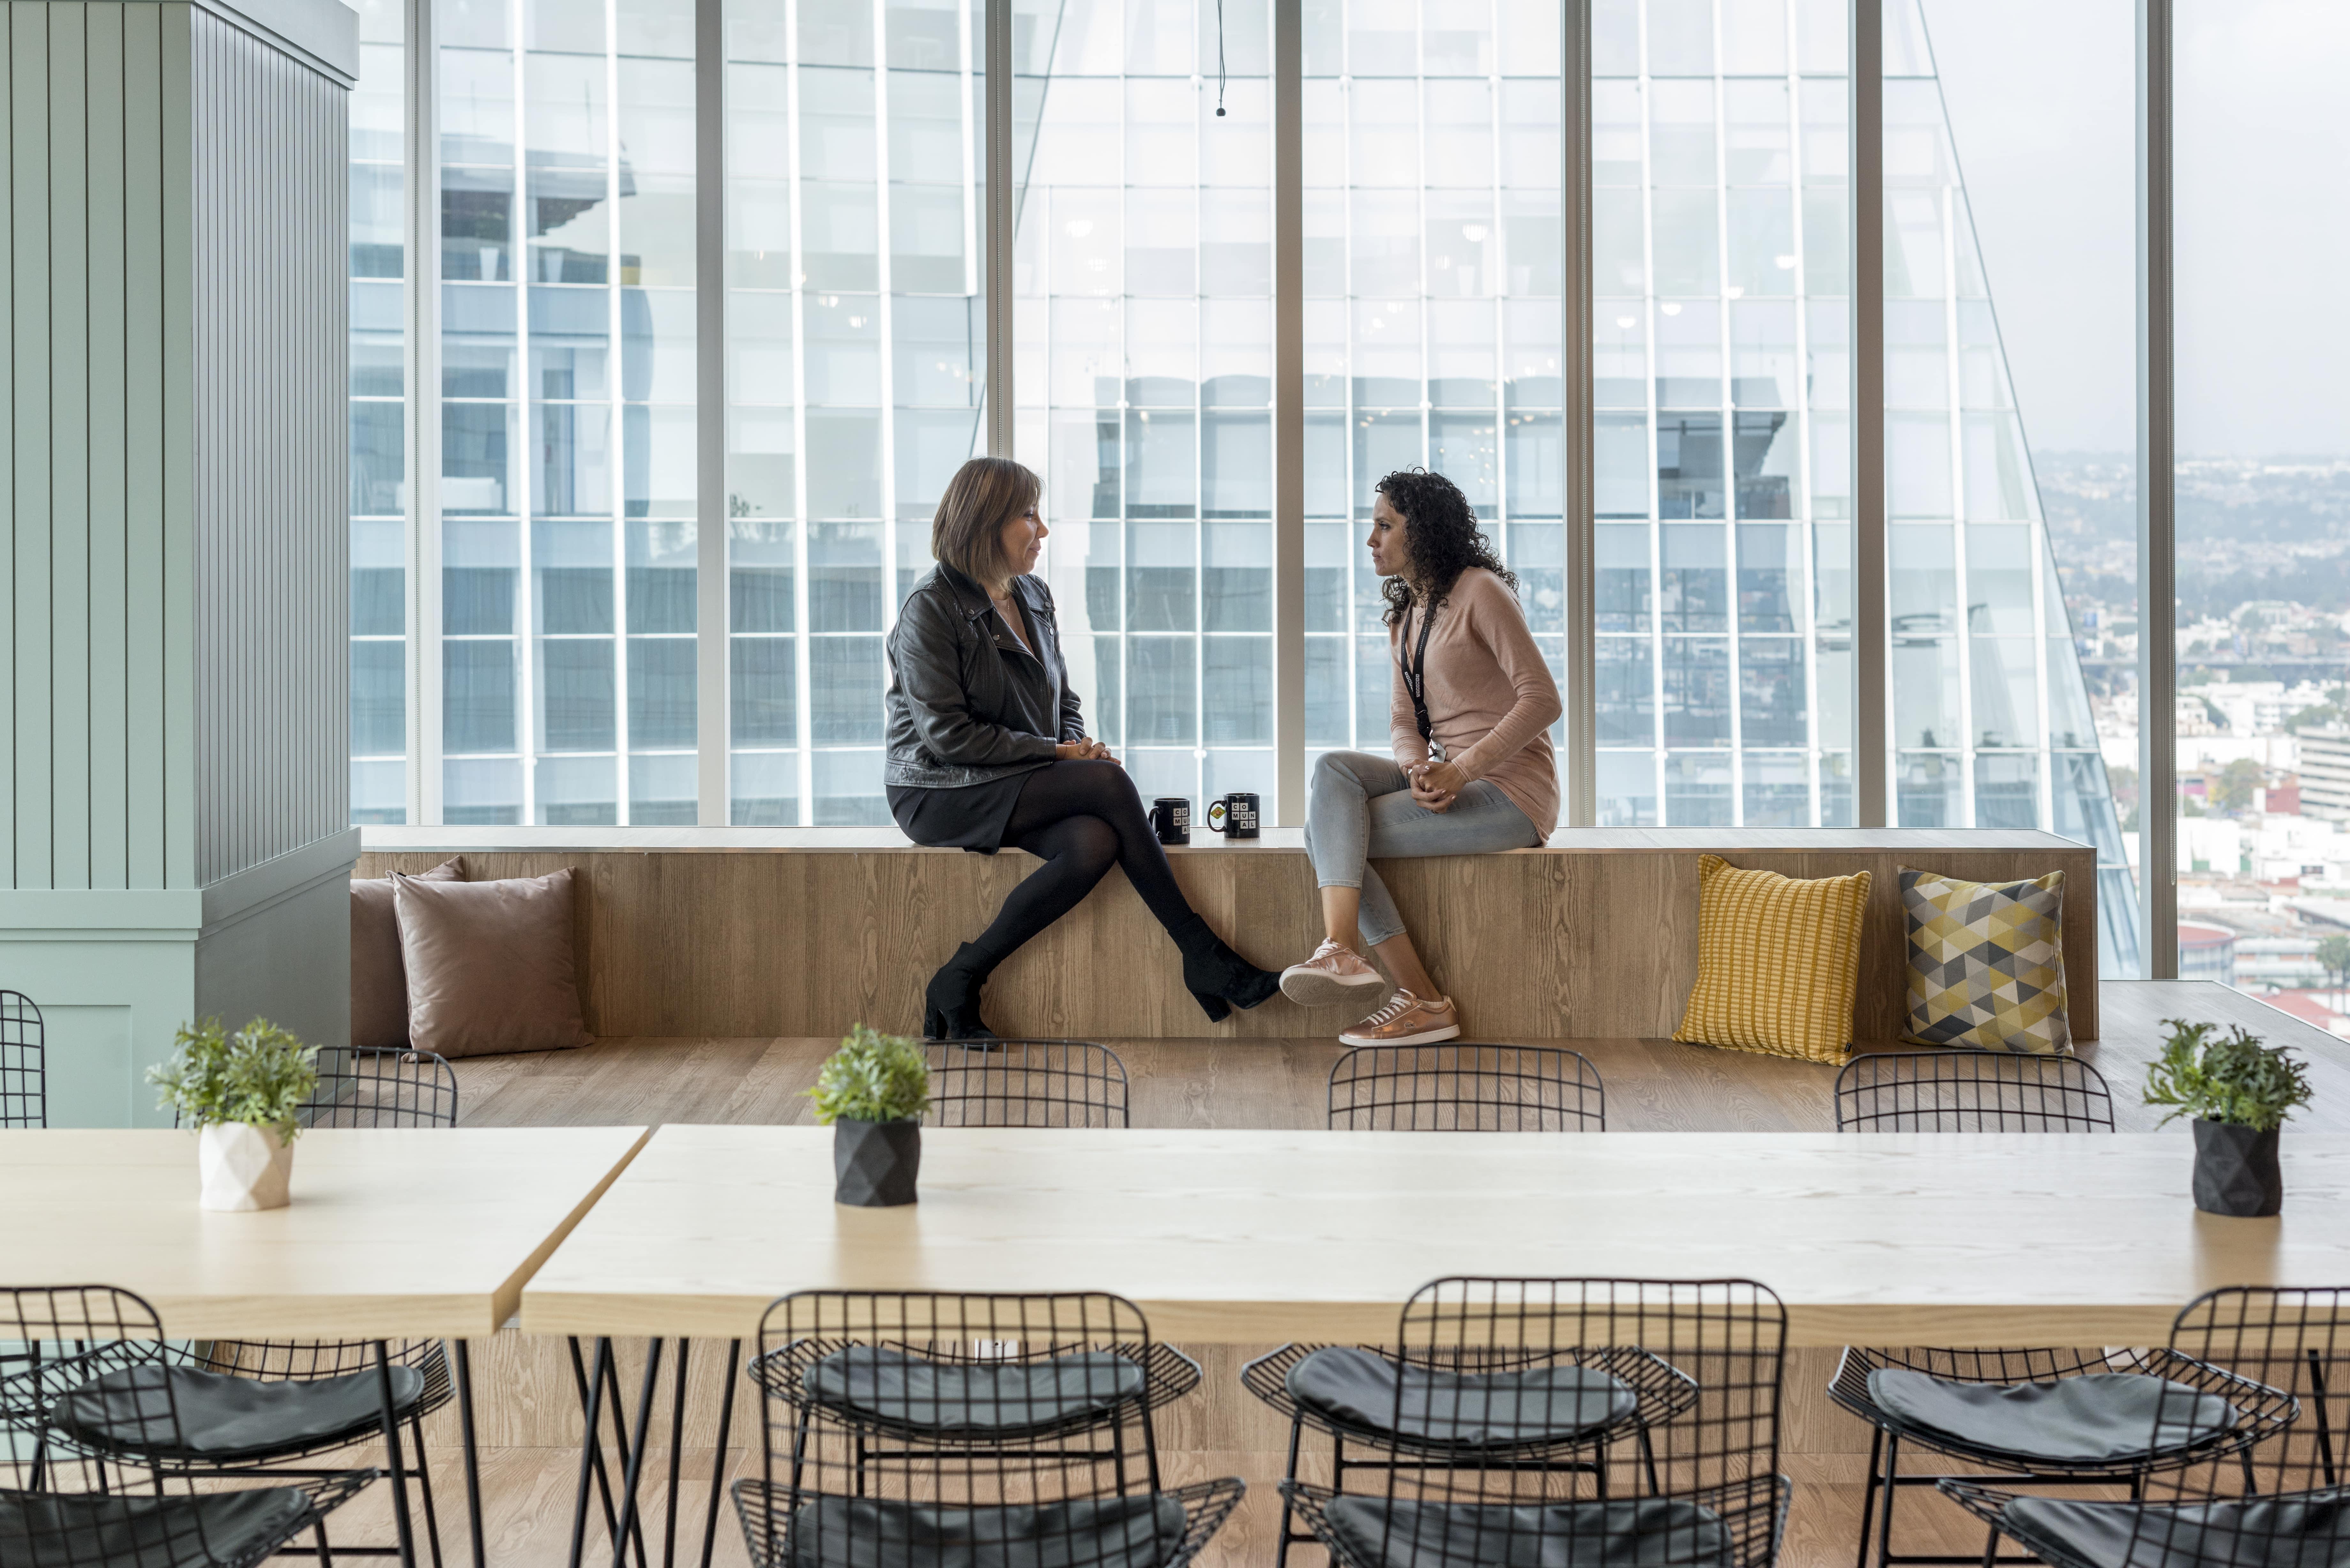 dos personas conversando en un comedor dentro de un coworking